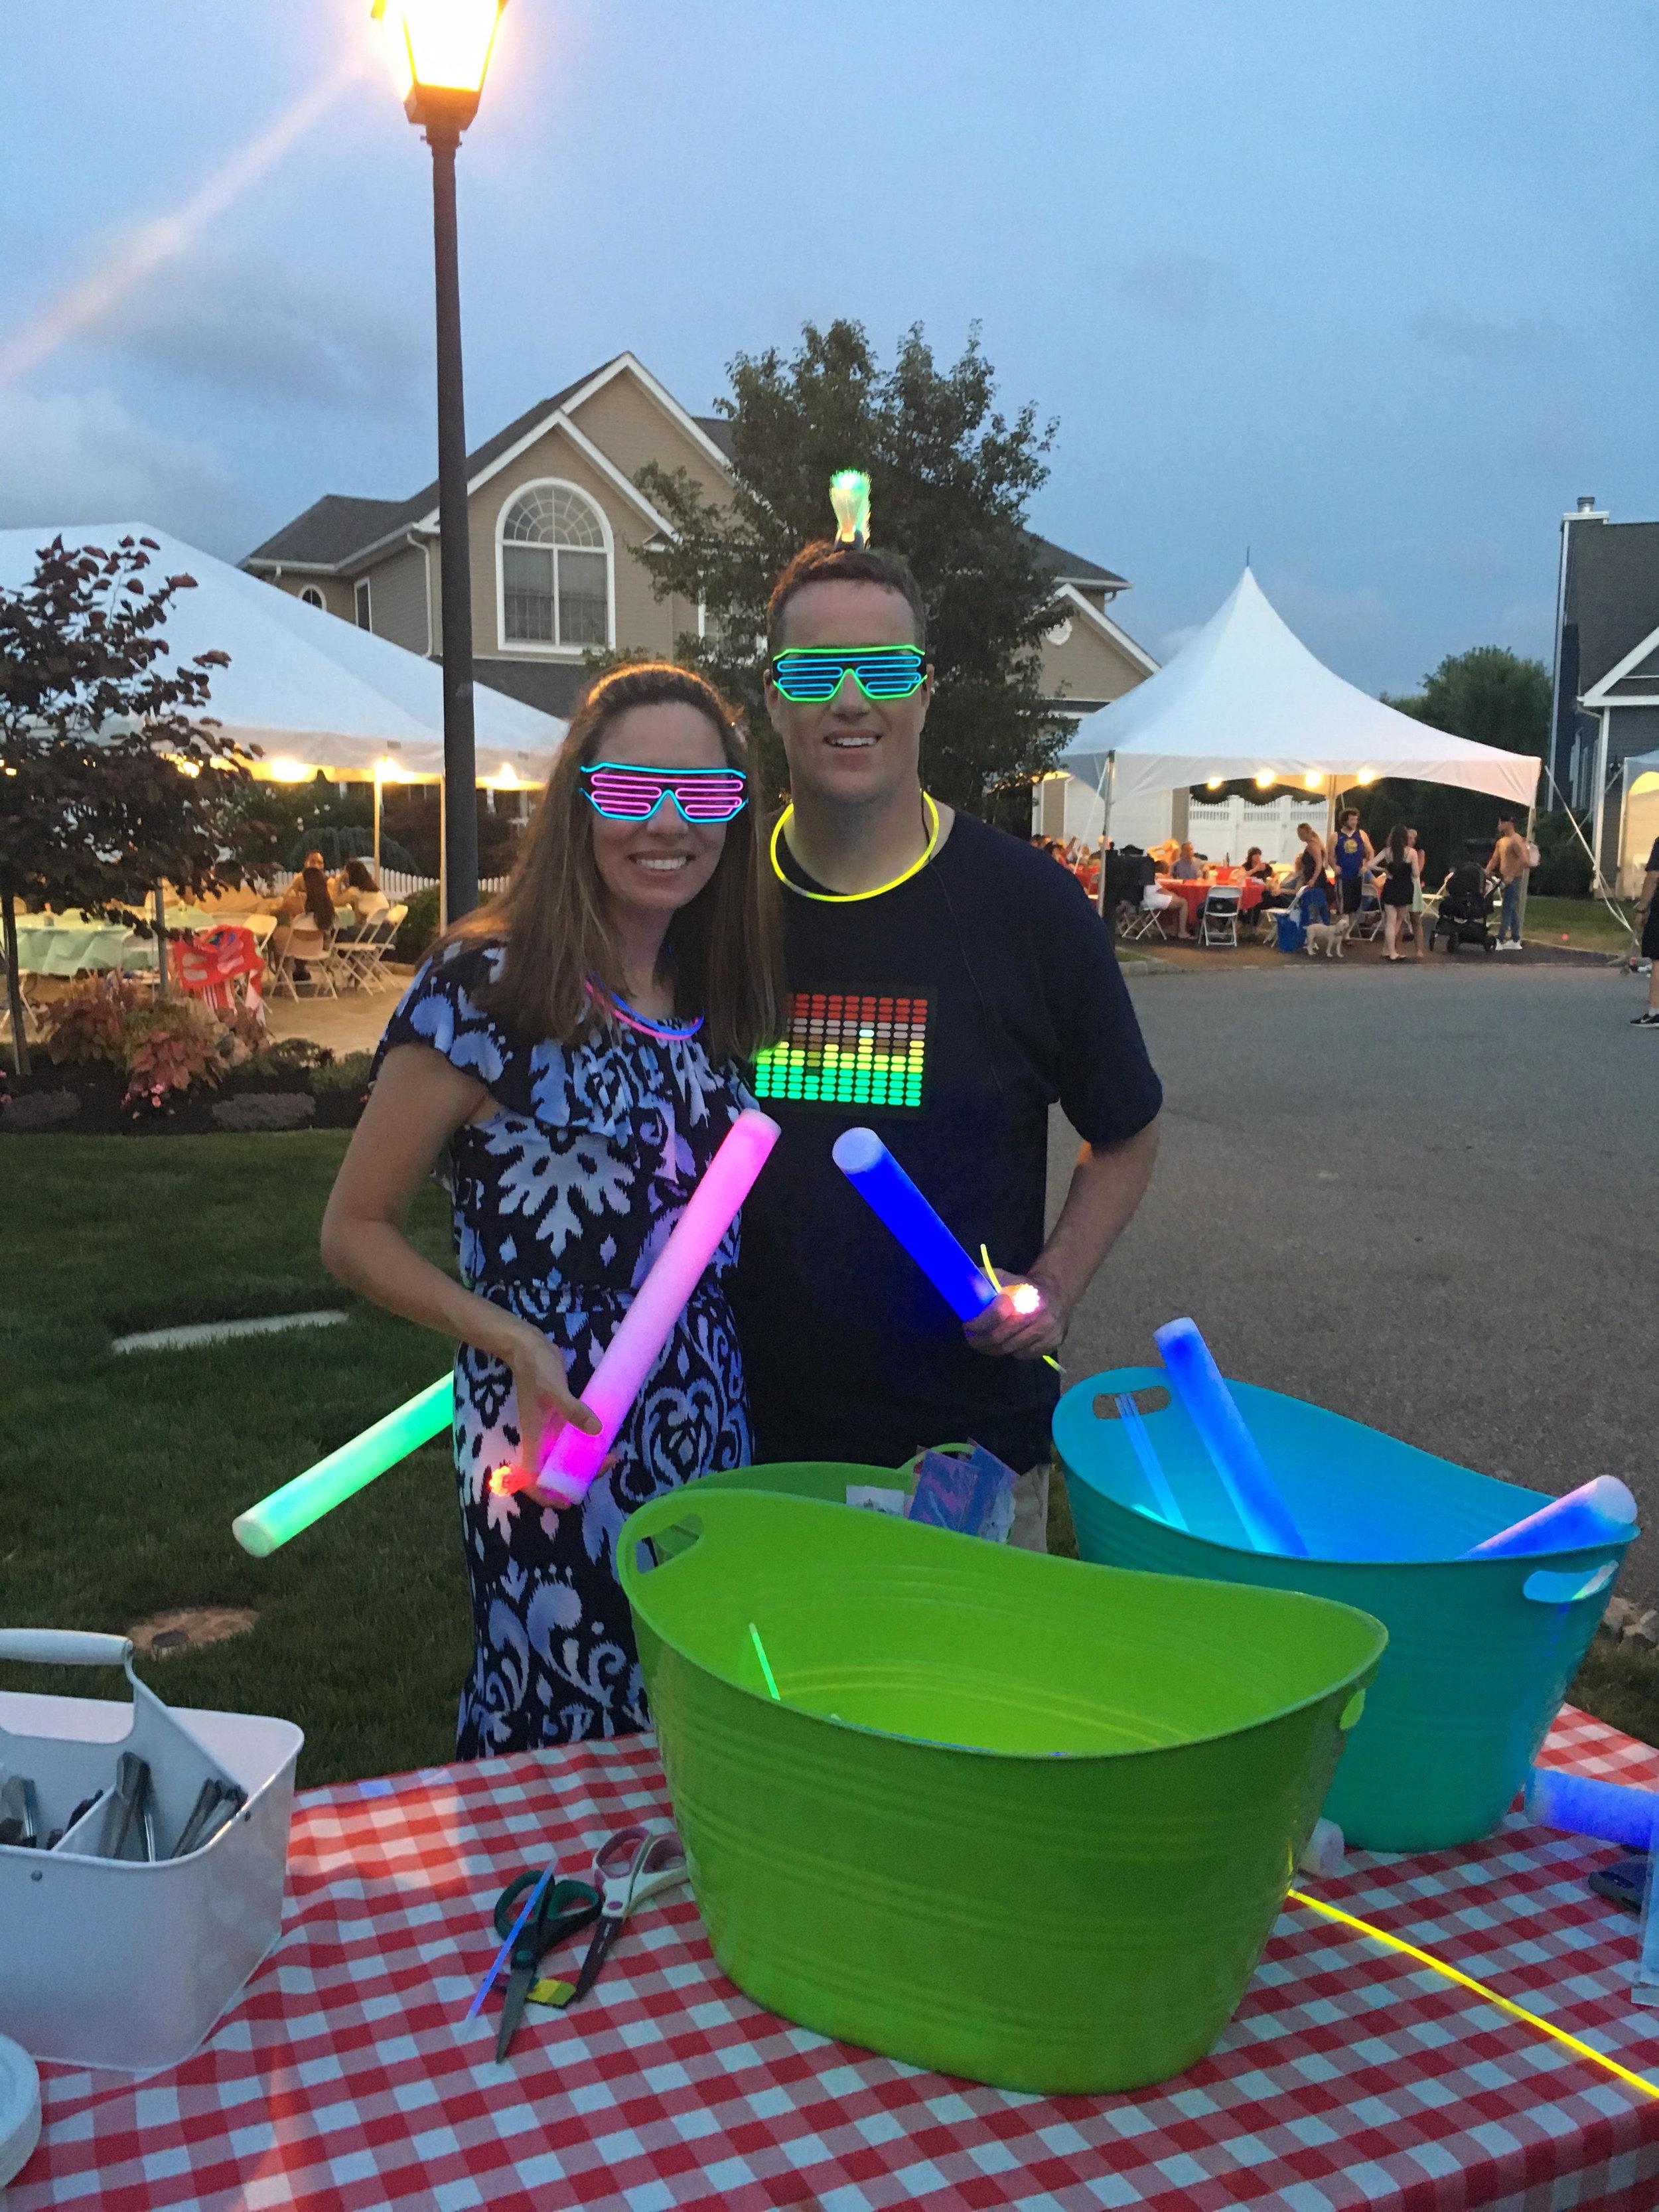 Glow stick fun!